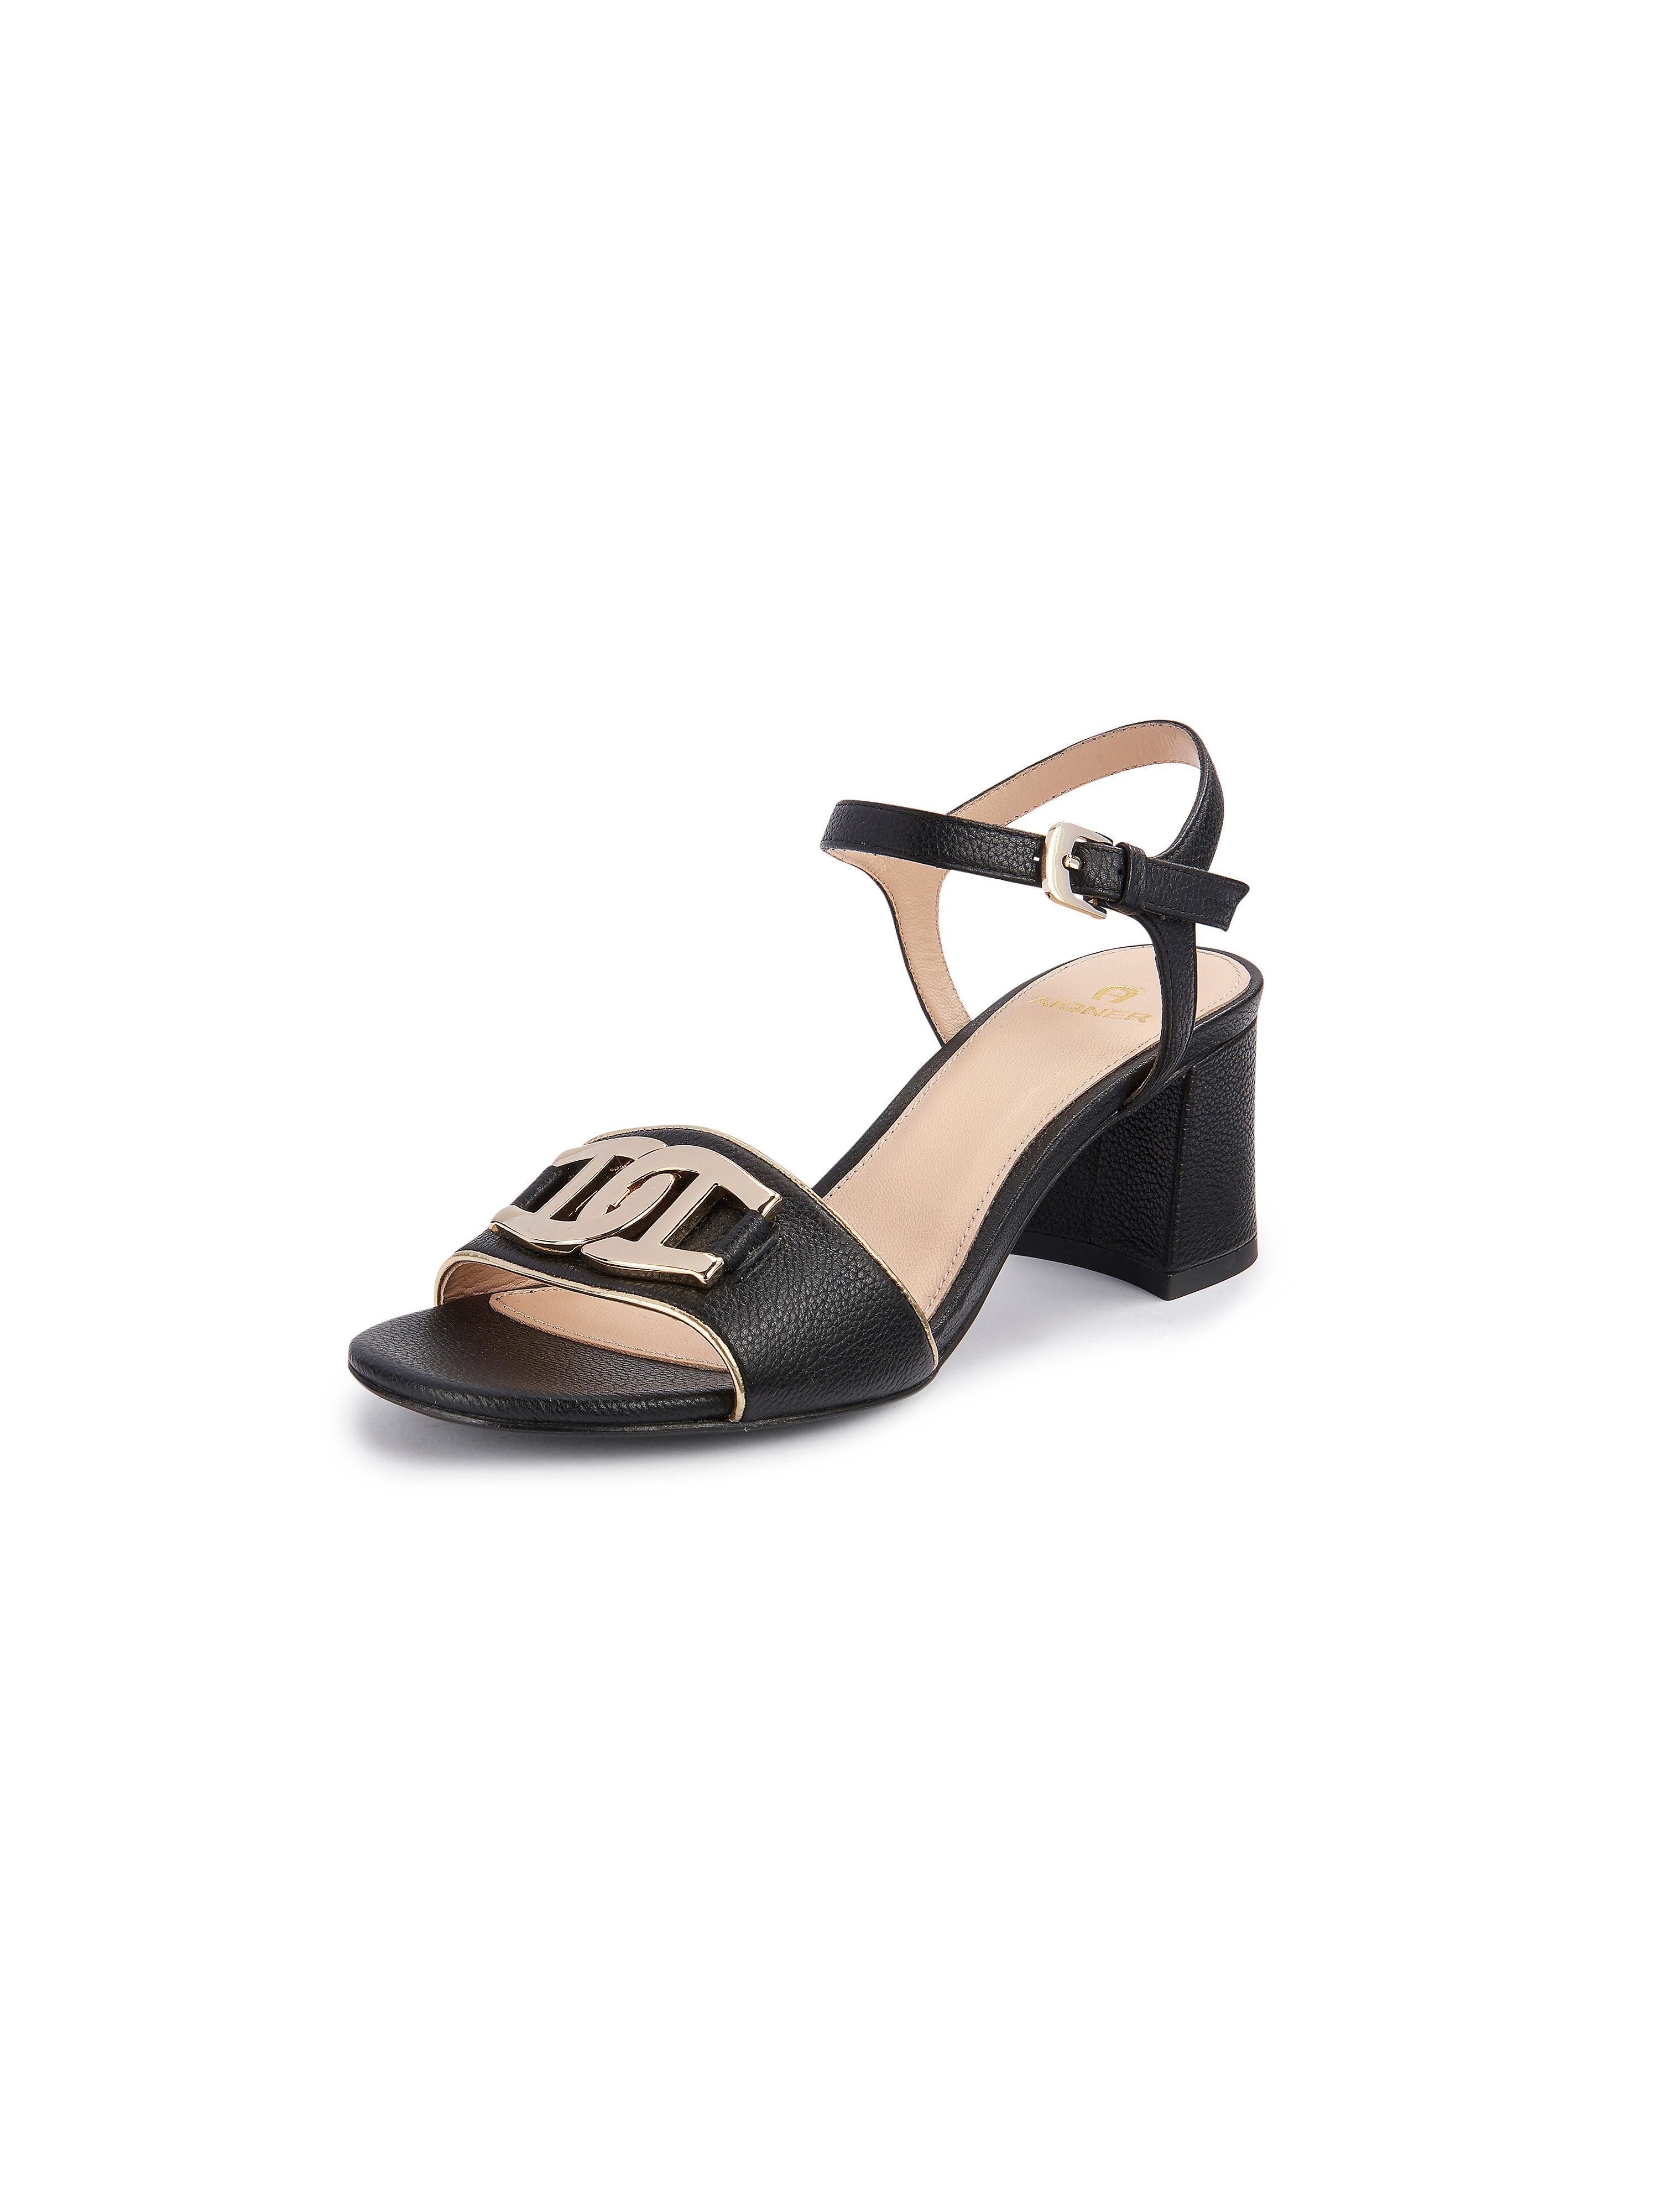 Les sandales Grazia  Aigner noir taille 35